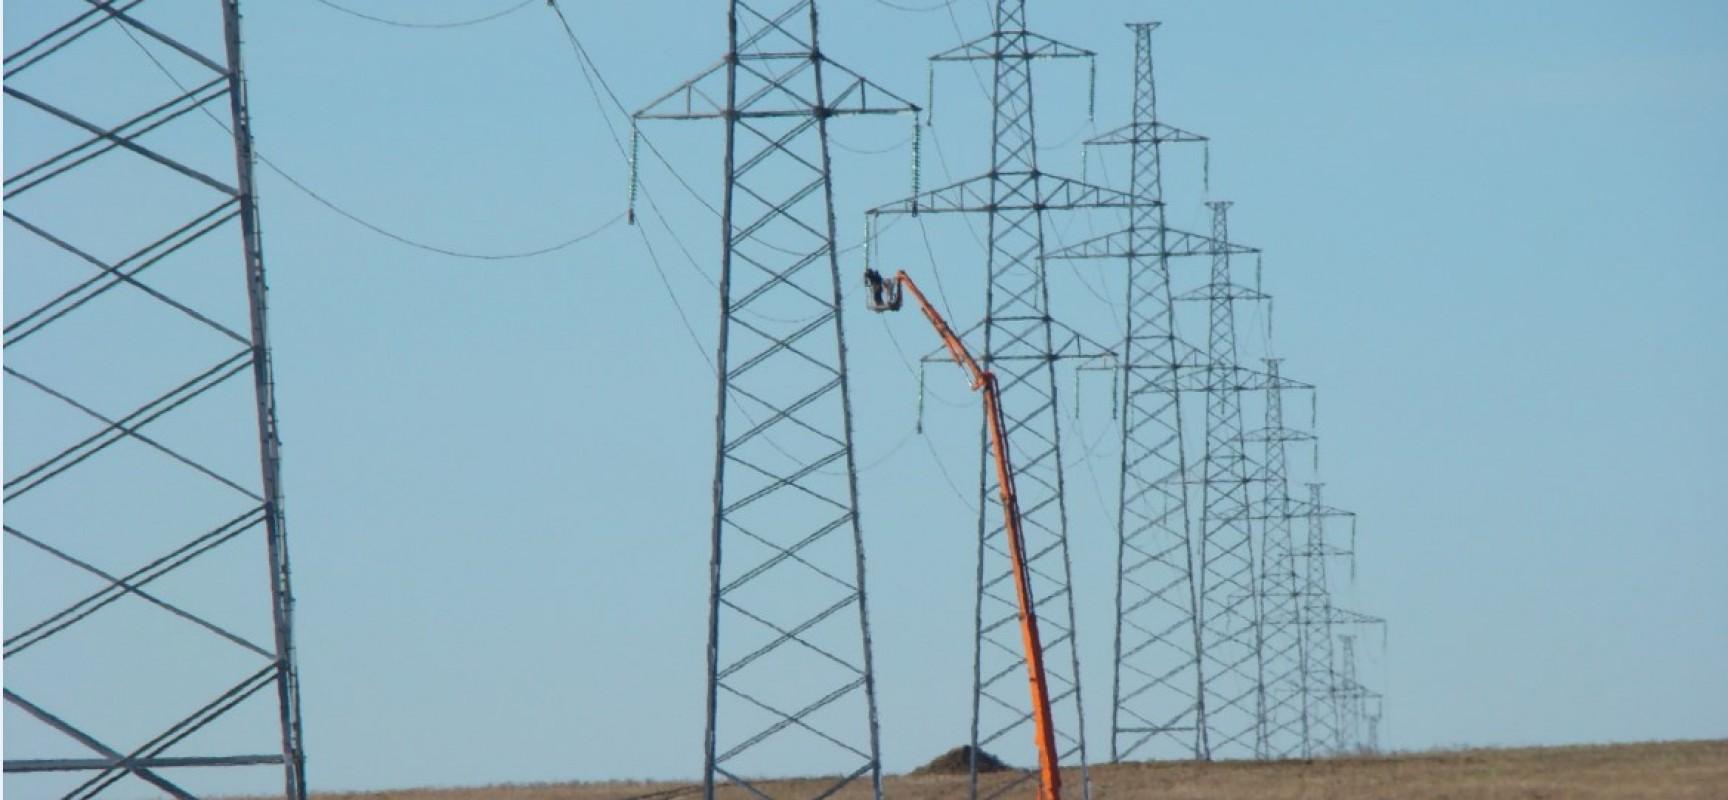 583 млн рублей выделяется на проектирование высоковольтной линии из Ростовской области в Тамань в рамках строительства энергомоста в Крым